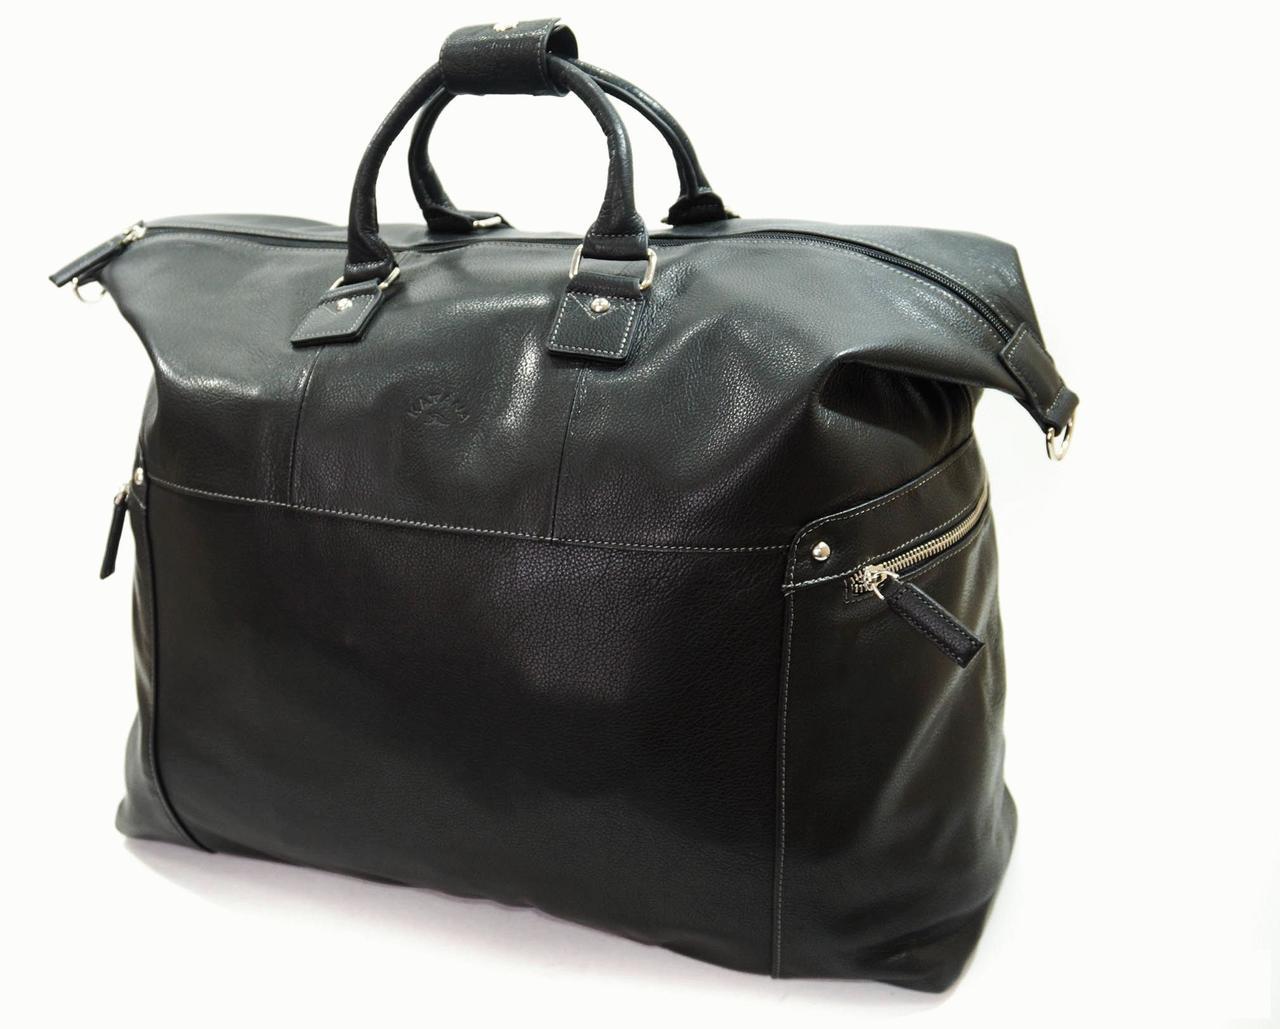 bcbabfd6 Женская кожаная дорожная сумка Katana 69231a Черный - Интернет-магазин  livelyshop в Виннице